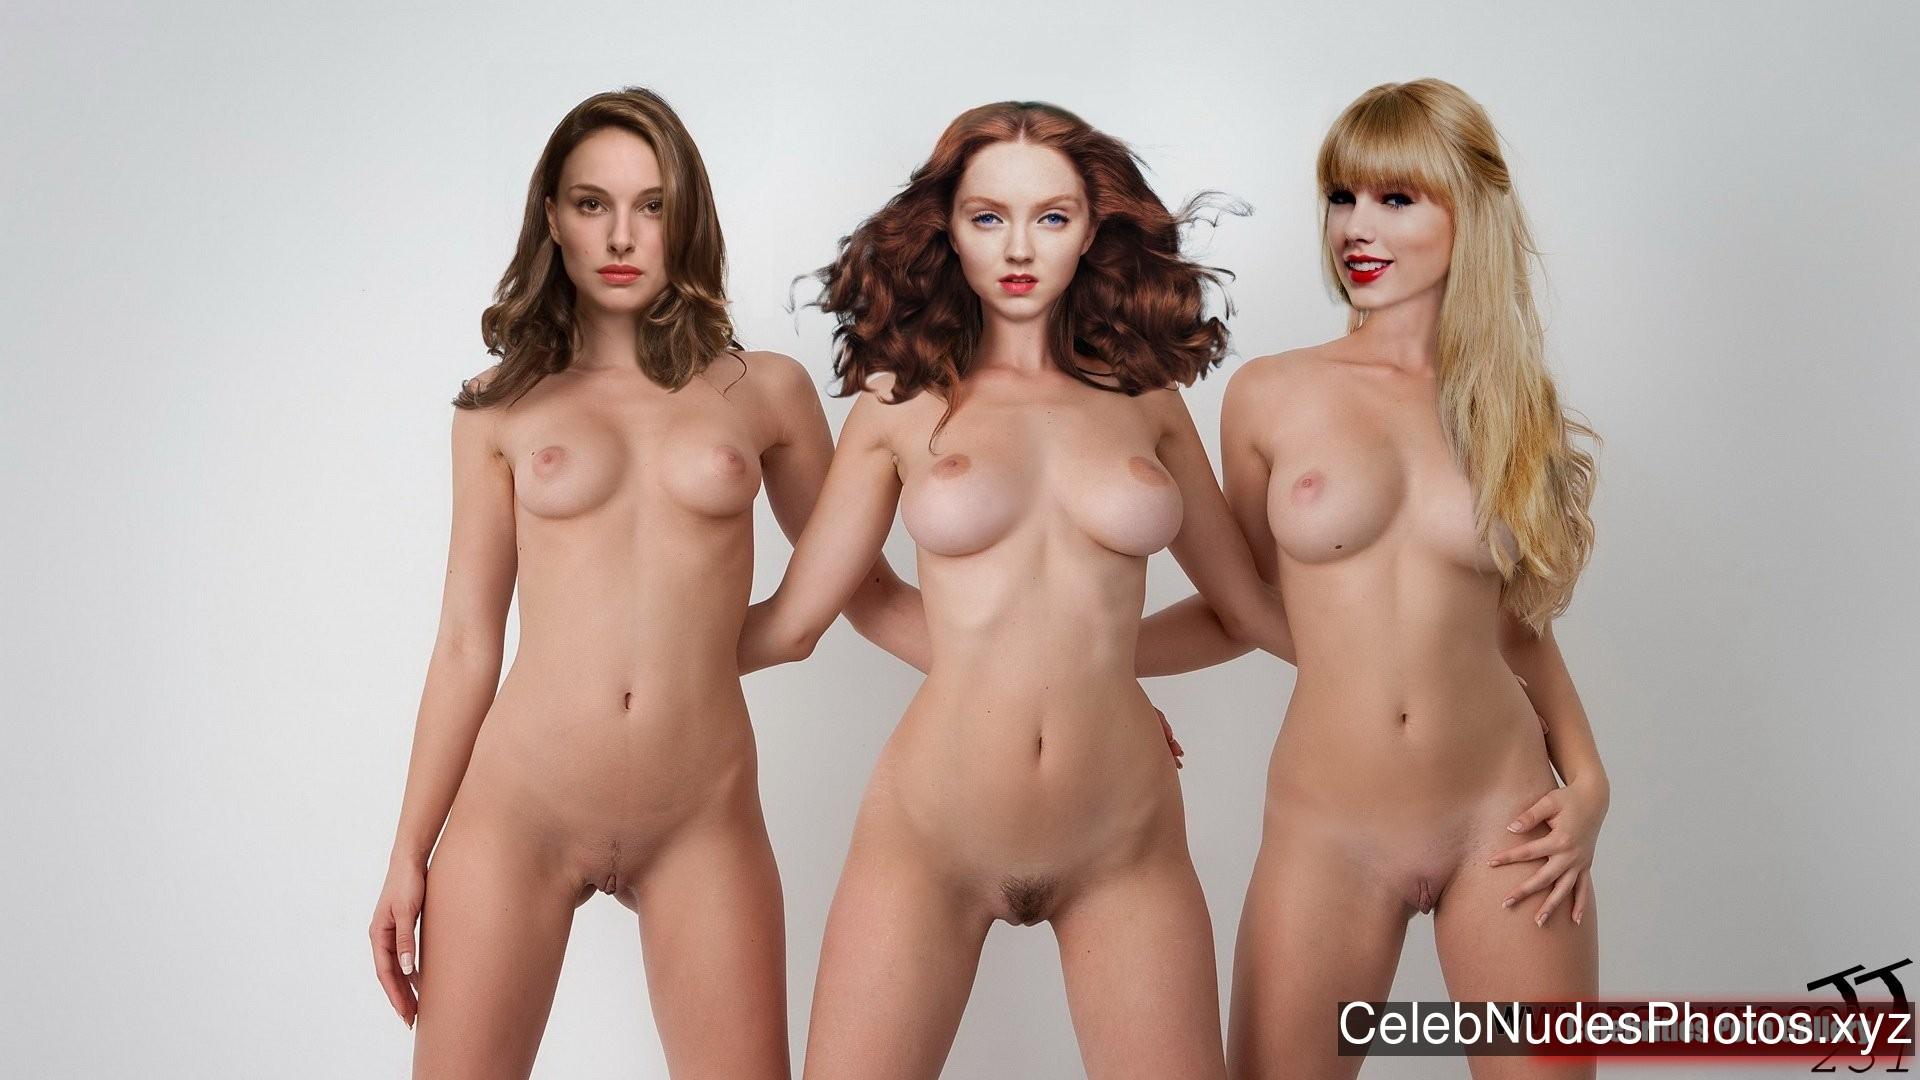 Lily Cole celebrity nude